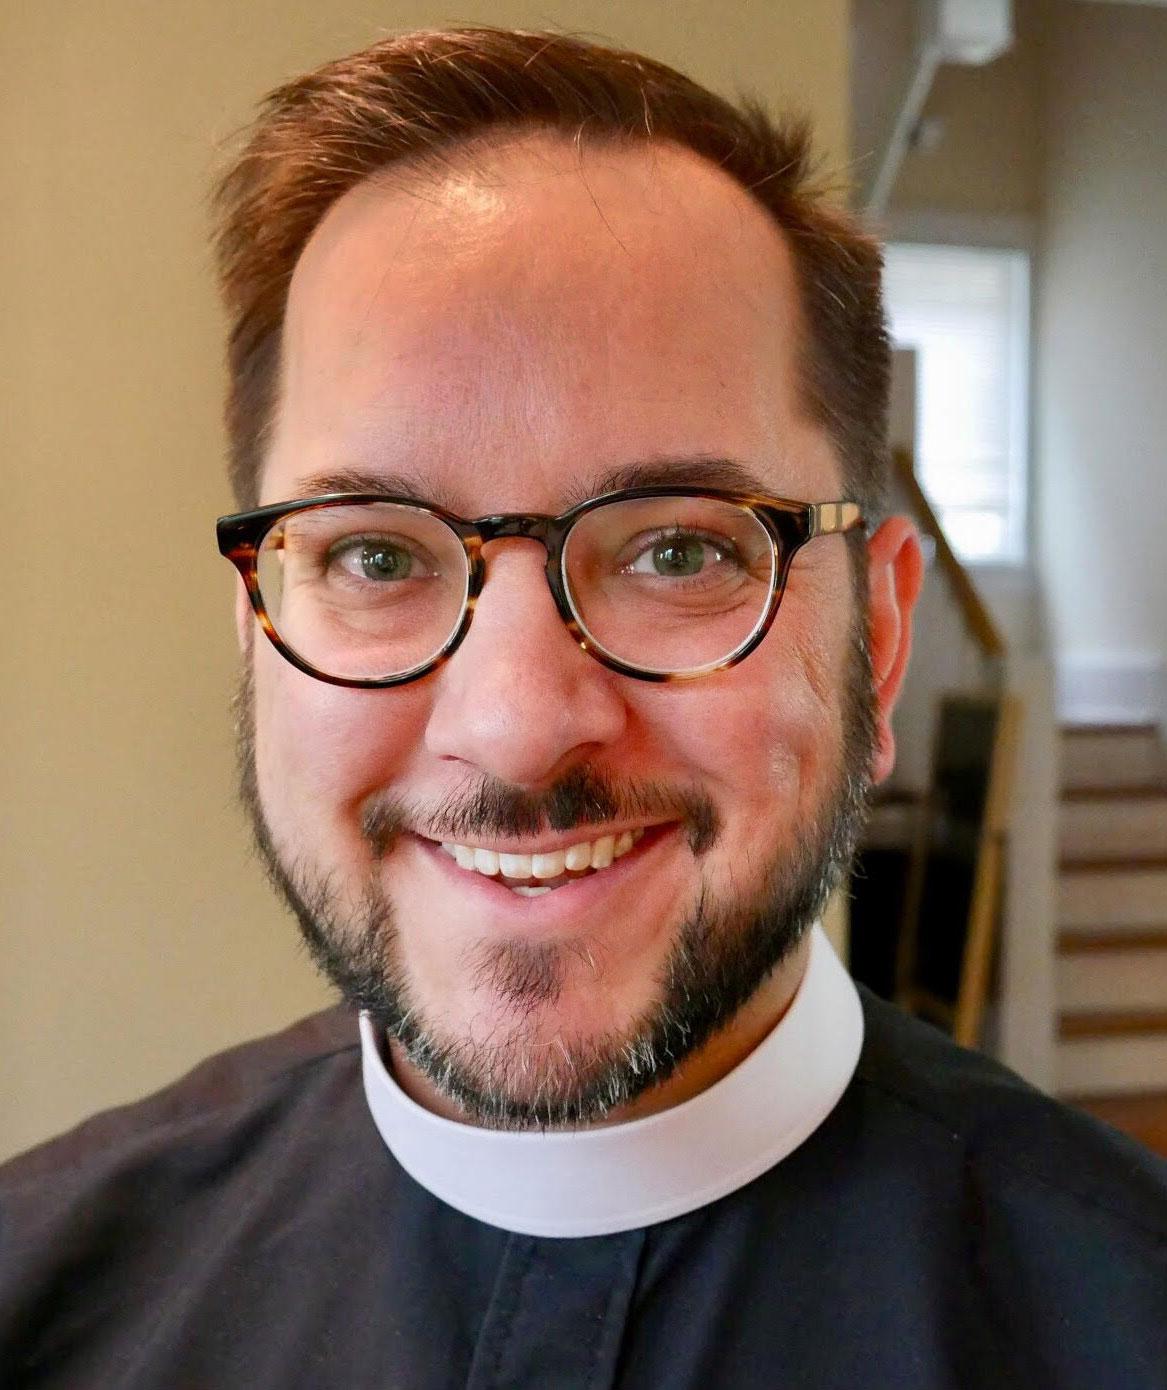 Rev. Dr. Andrew R. Guffey